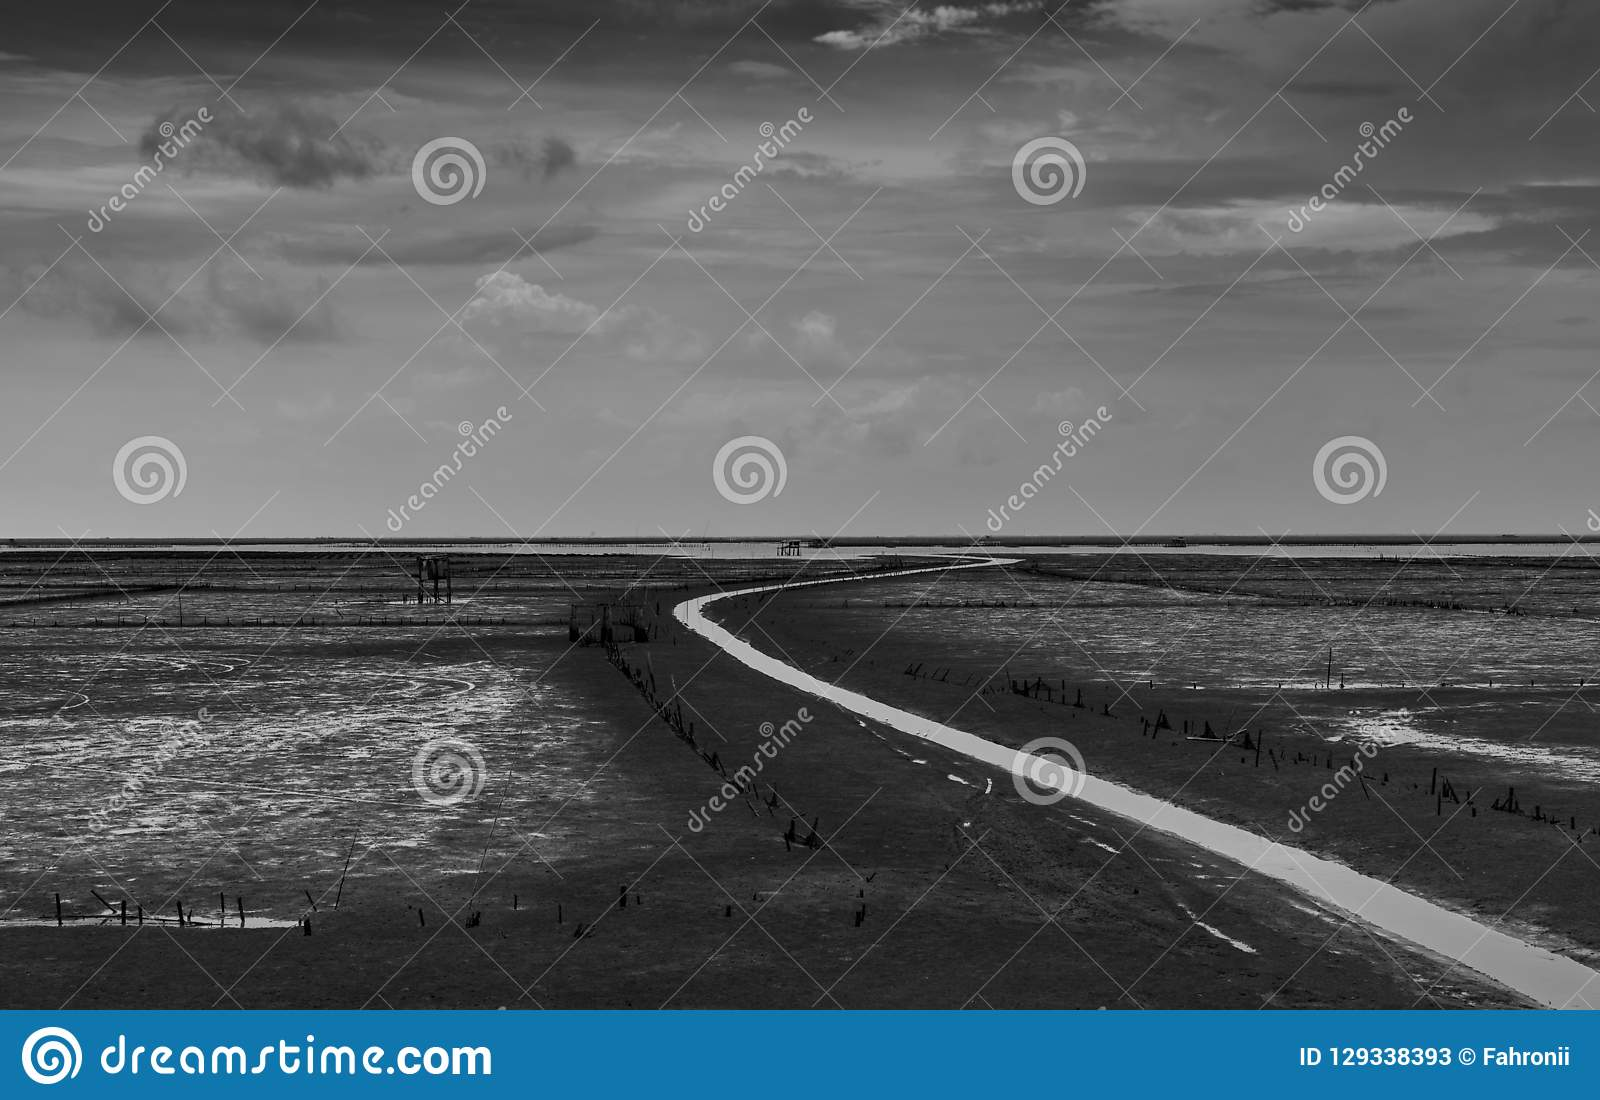 Il paesaggio del mare alla marea e le nuvole bianche grige e del cielo lungo la bobina innaffiano il canale Piano di fango all im